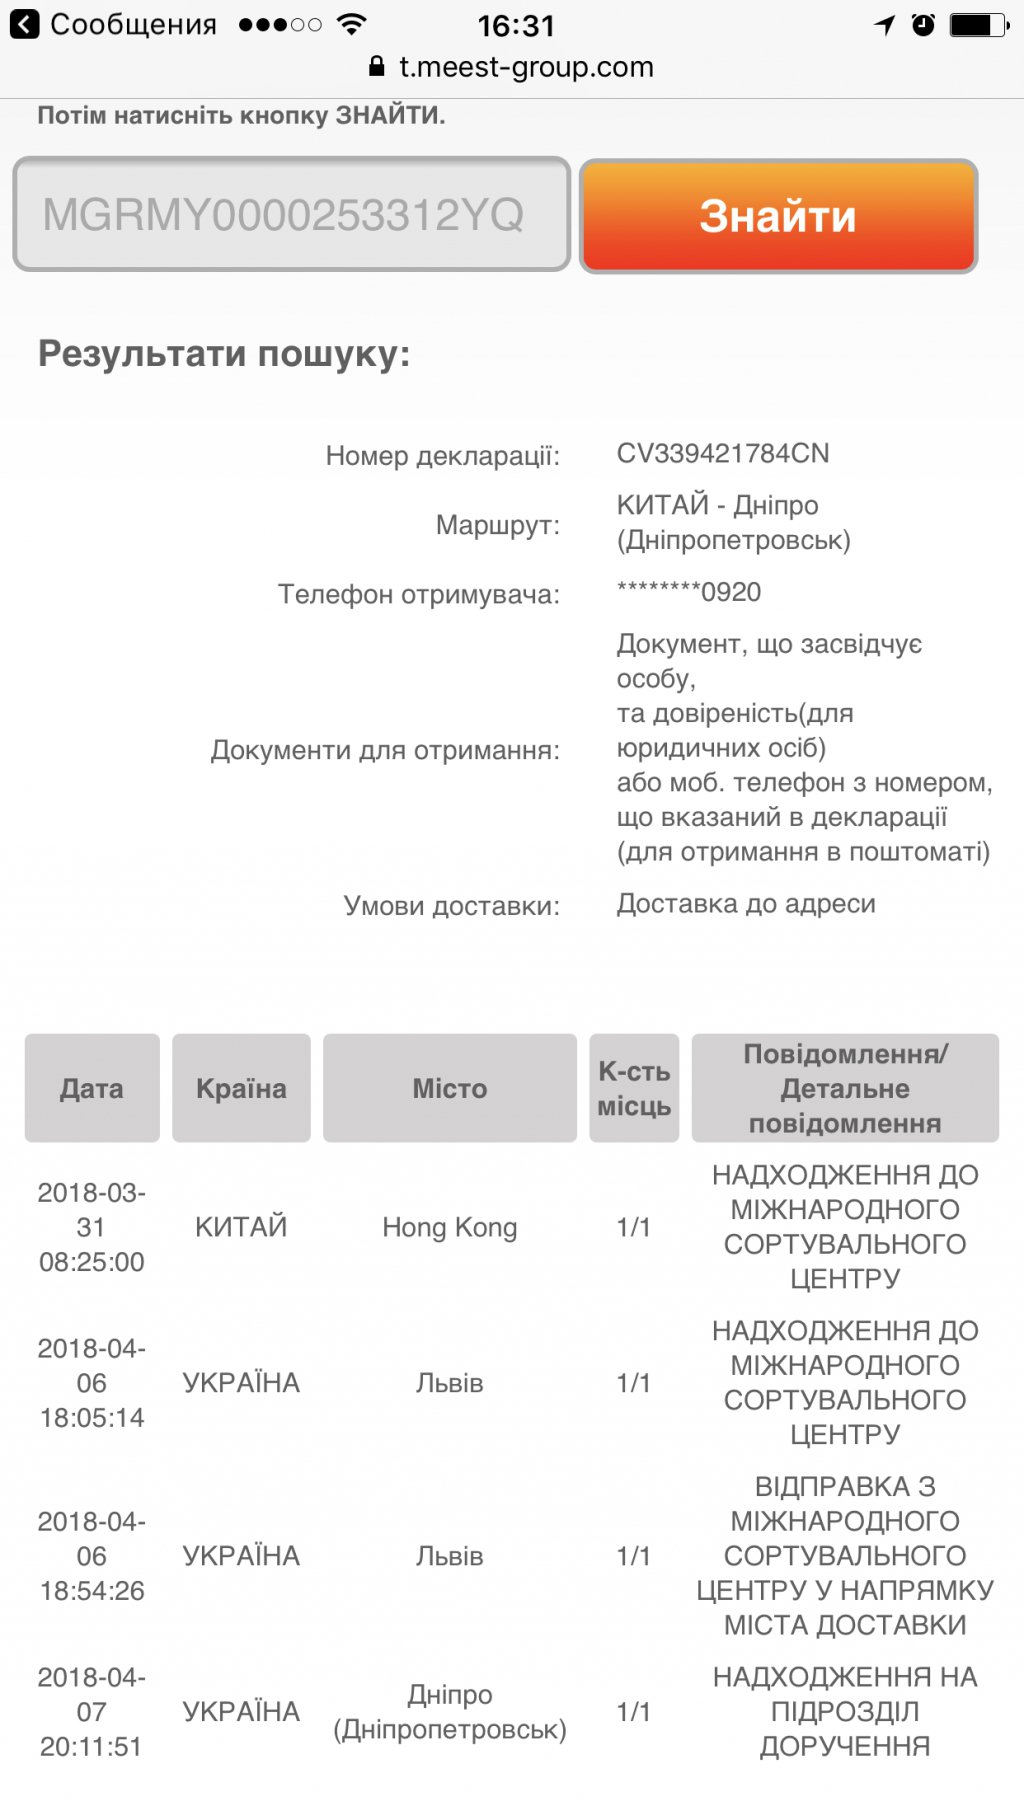 Мист Экспресс - В Днепропетровске отделения не справляется!!! Хамское отношение курьера и т.д